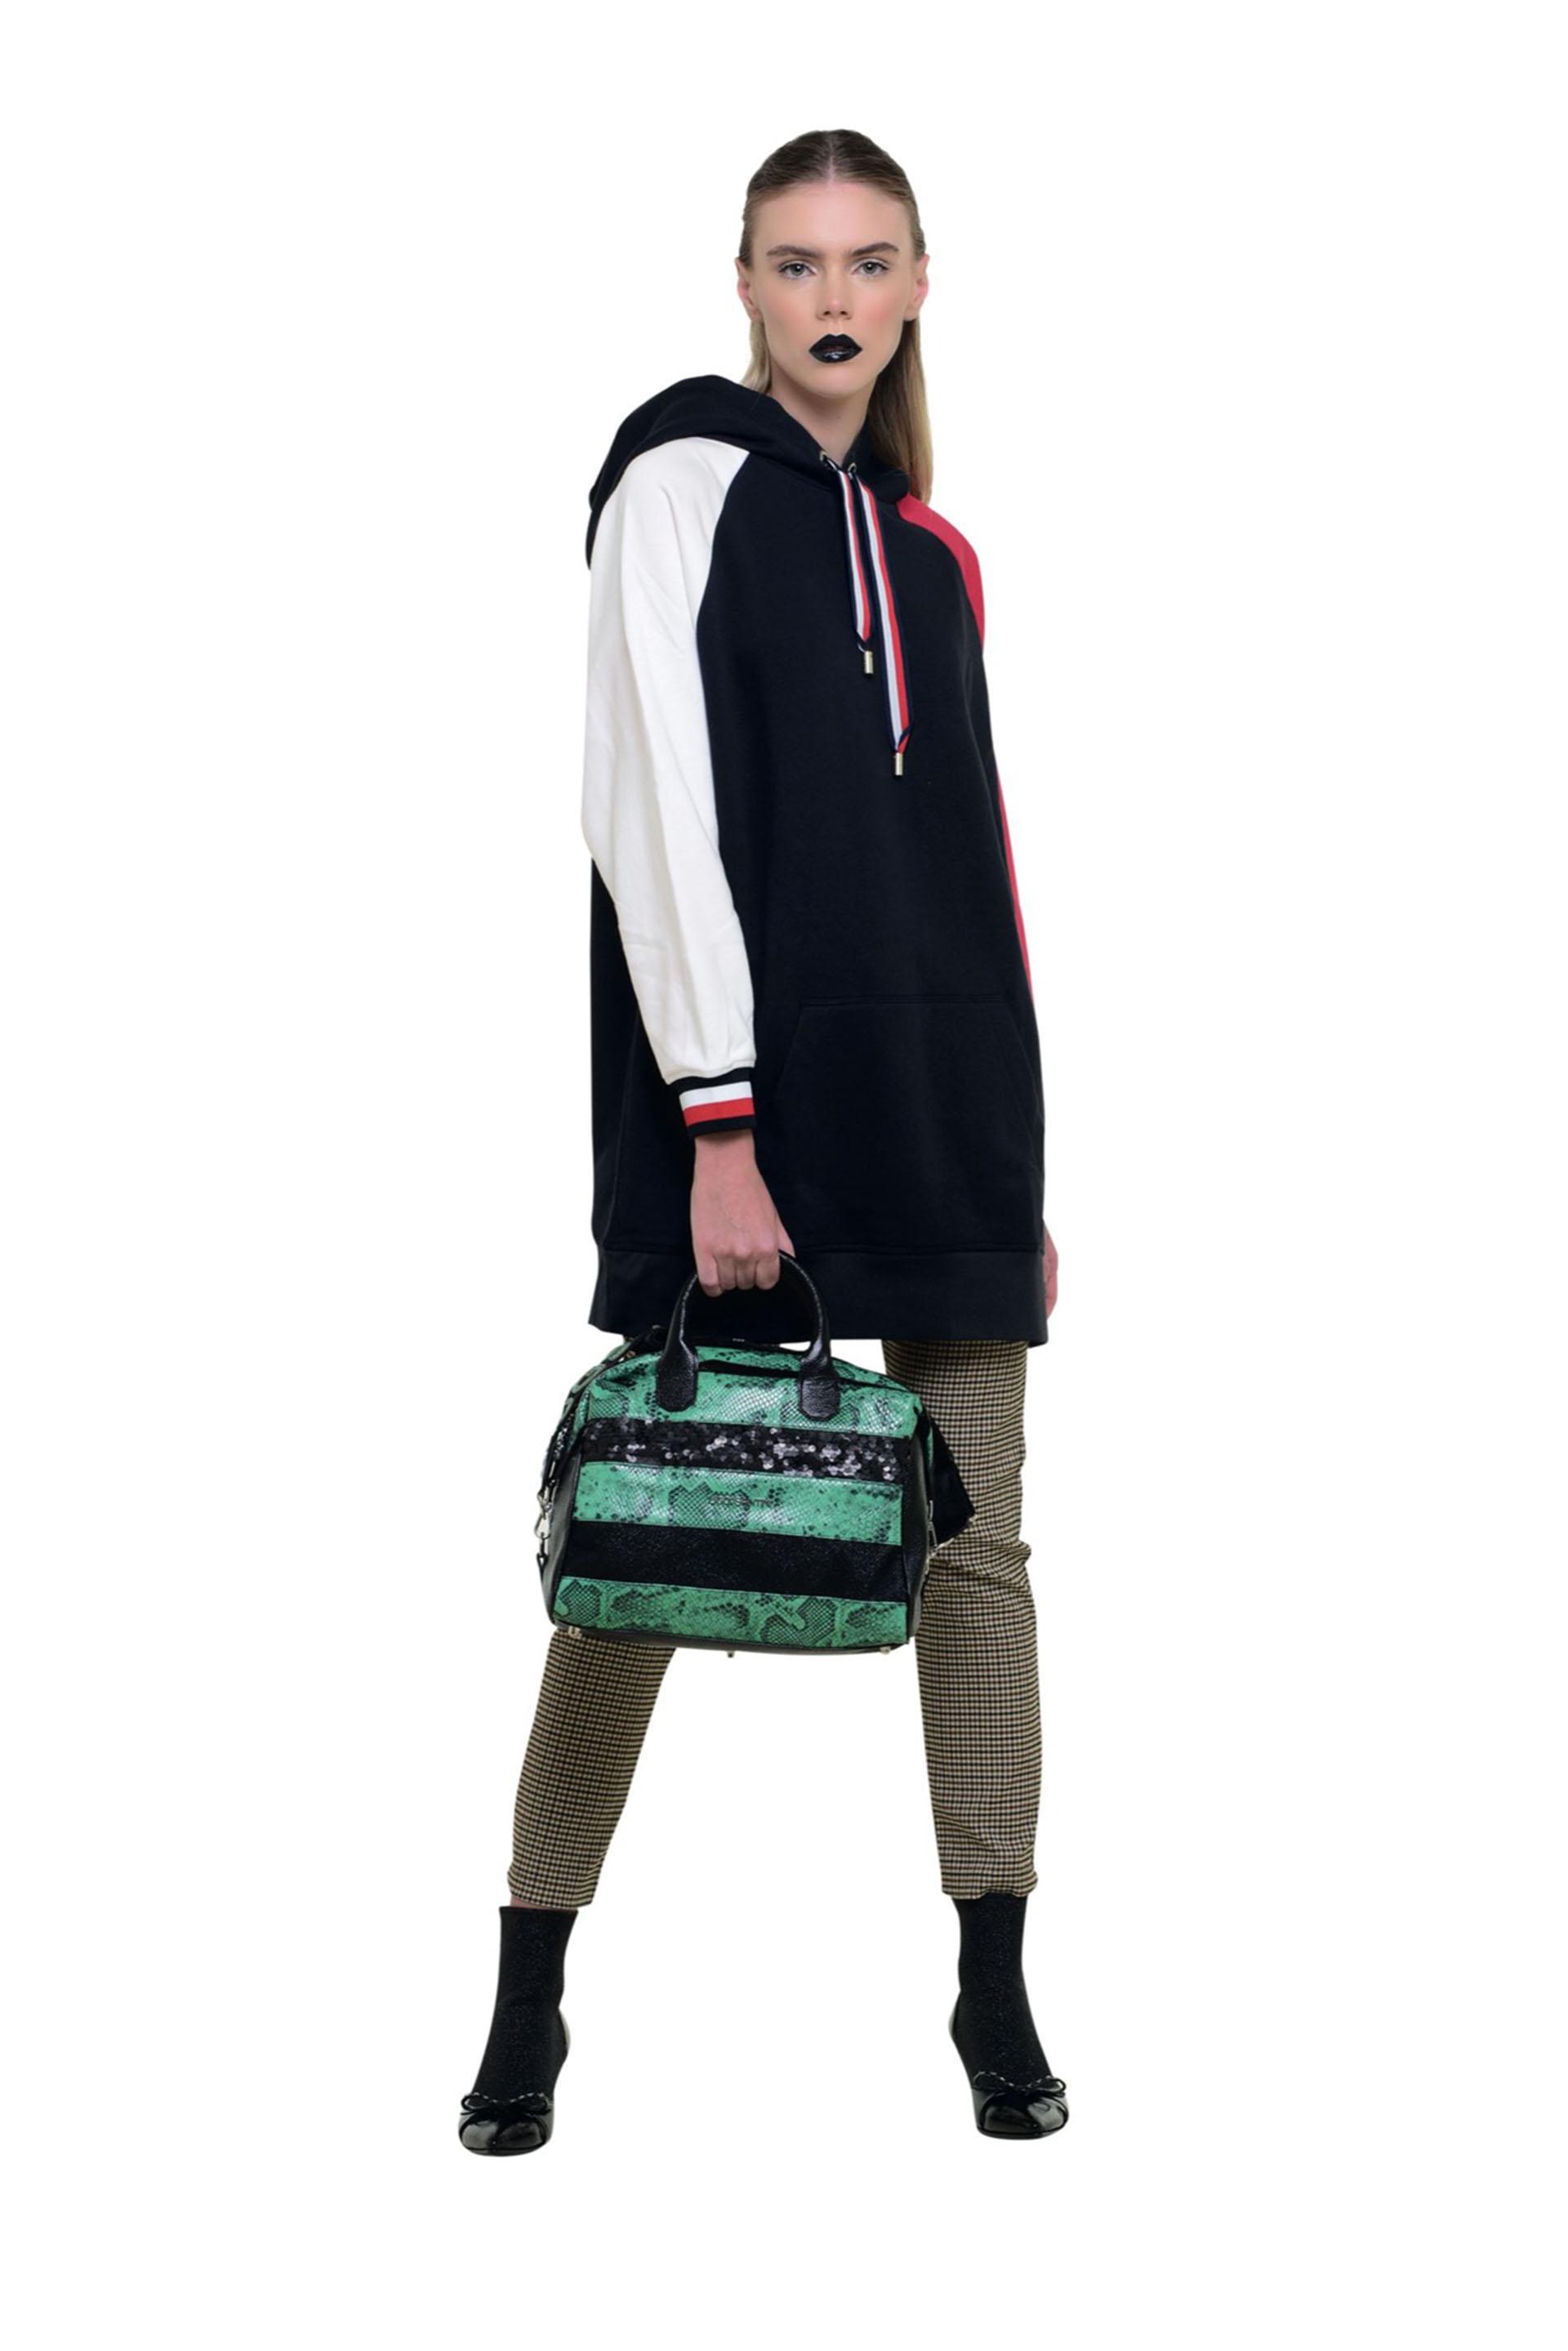 Combiná buzos oversize con tacos y pantalón de vestir. Así tendrás un look muy sport chic.